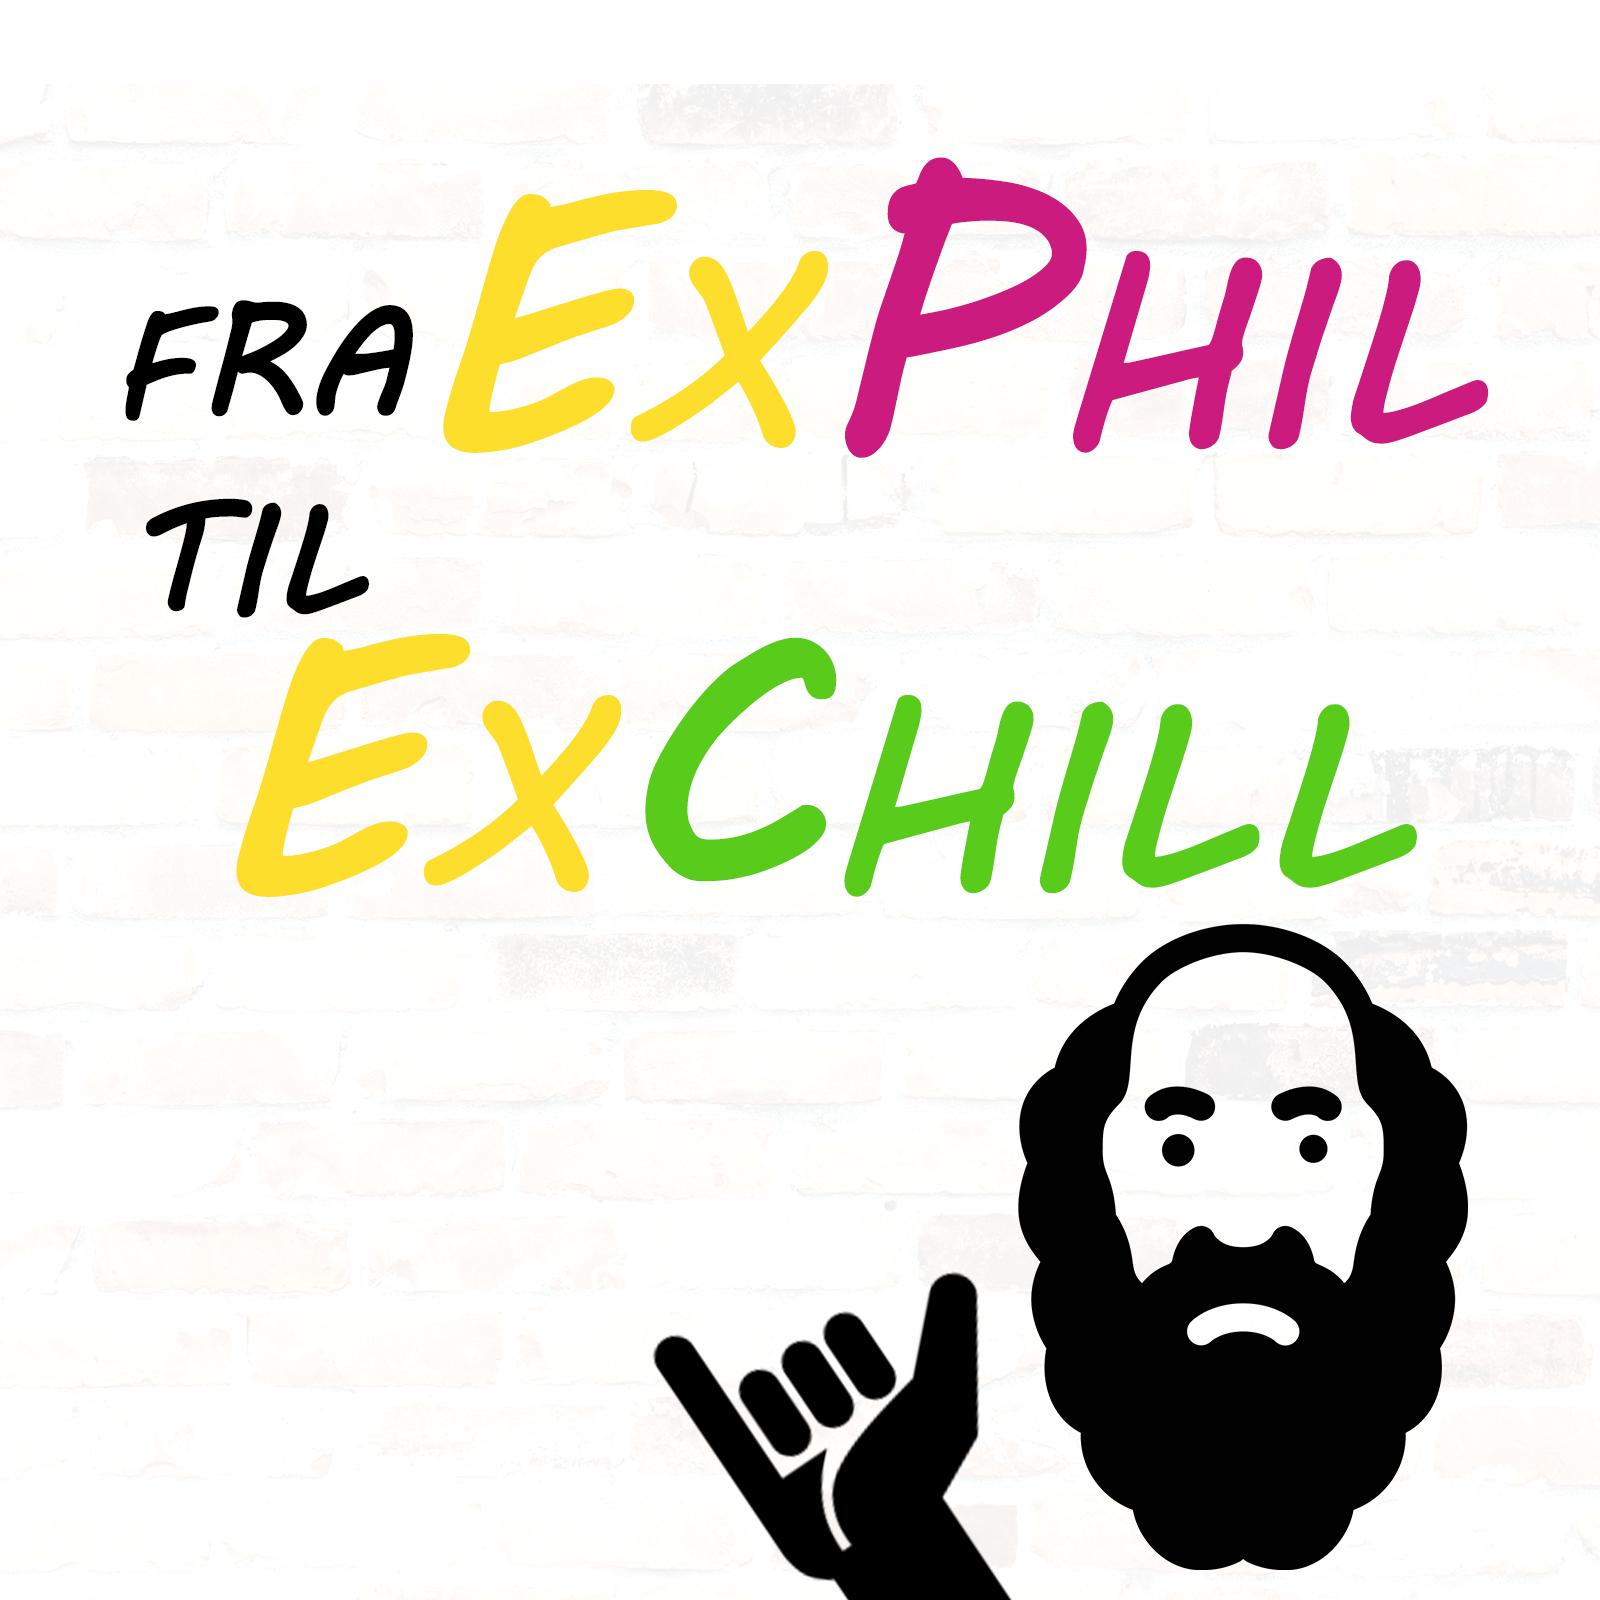 Fra Exphil til Exchill